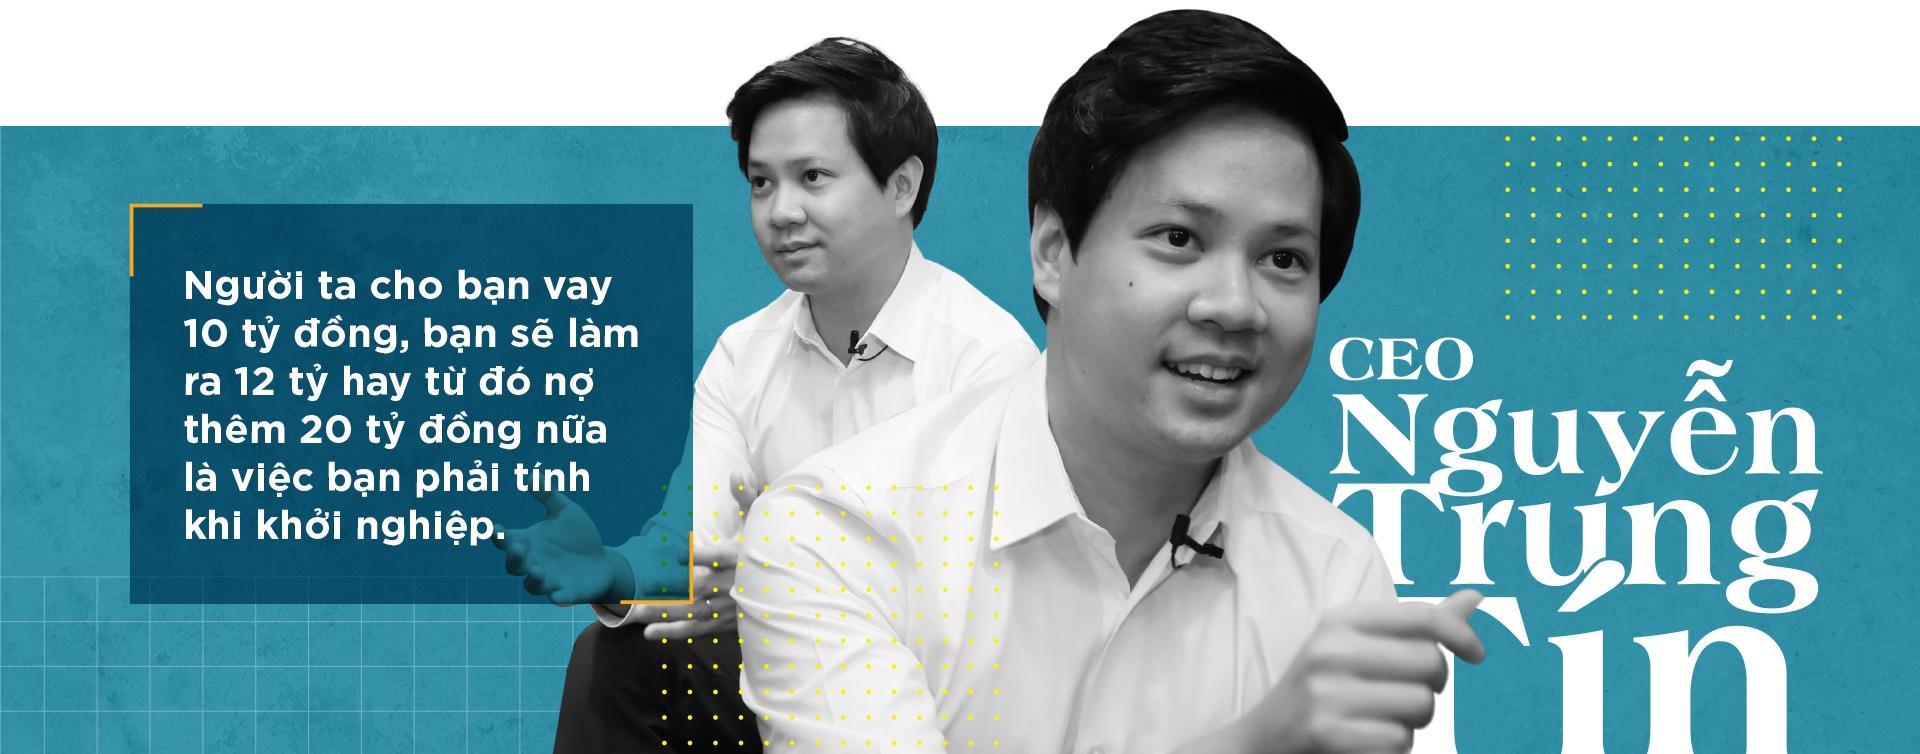 CEO Nguyen Trung Tin: Toi chua bao gio nghi minh kiem tien de xai tien hinh anh 6